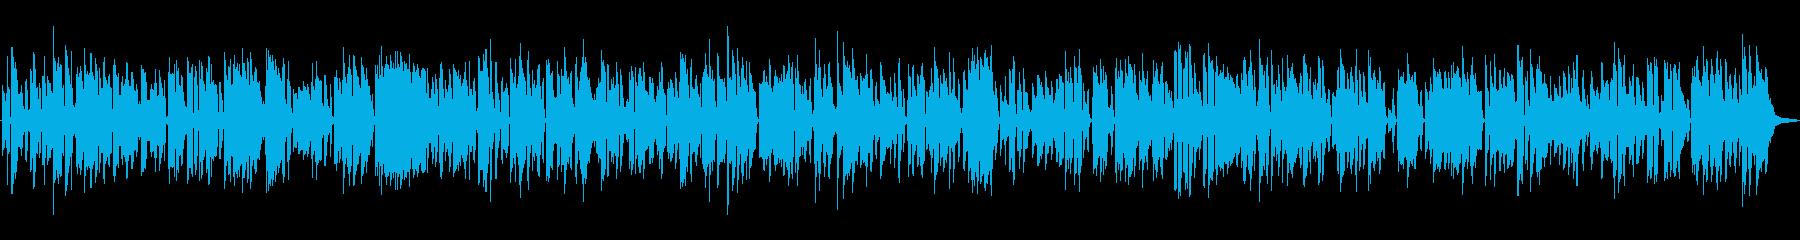 レトロで古めかしいほのぼのオールドジャズの再生済みの波形